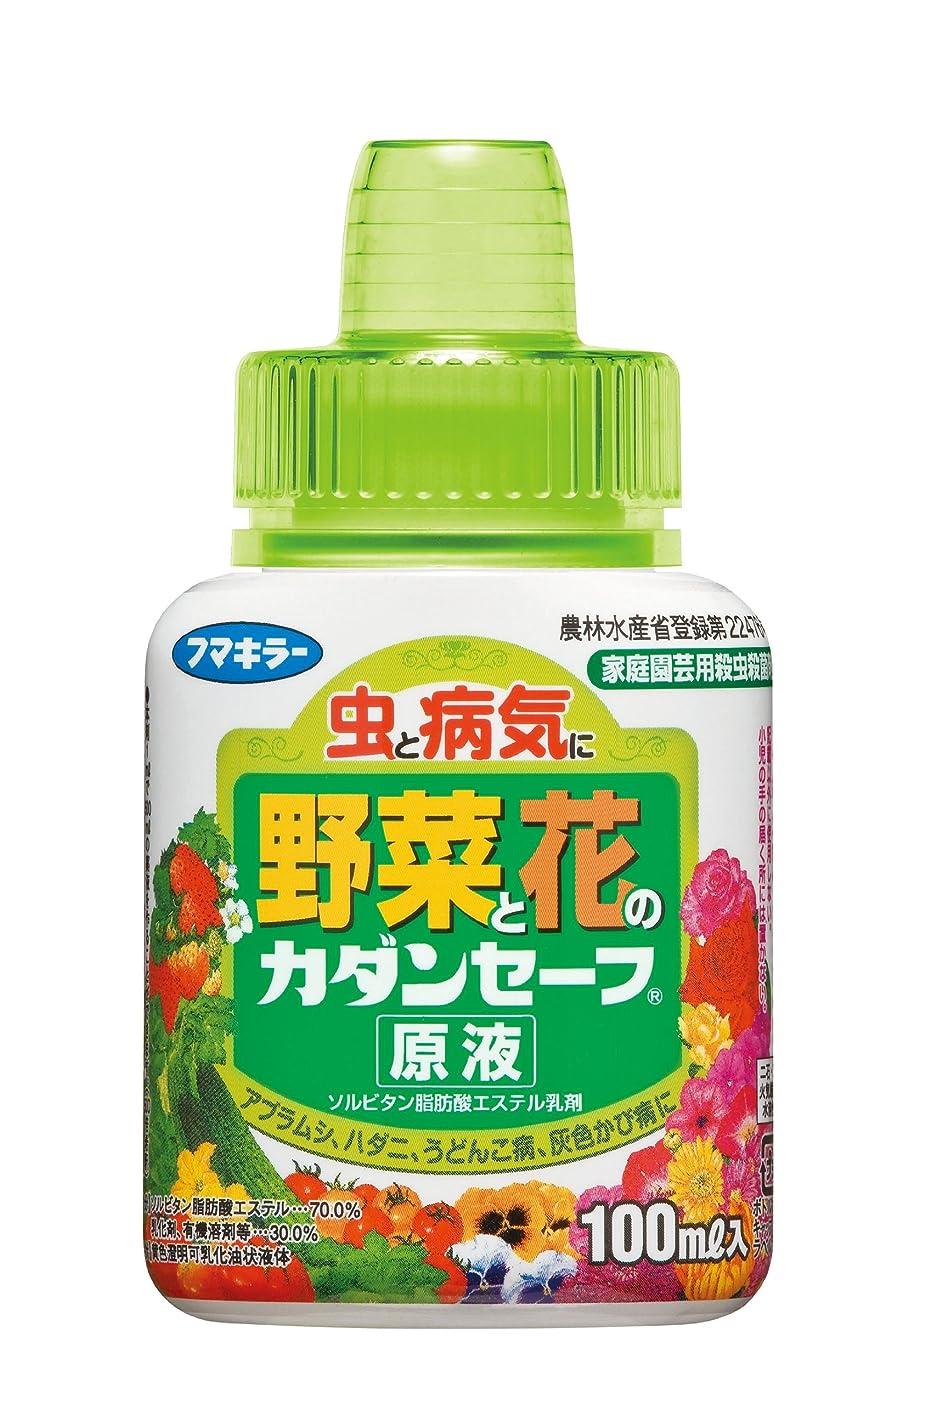 交じる誤解するより良いカダン 花と野菜のやさしい殺虫?殺菌剤 セーフ原液 100ml